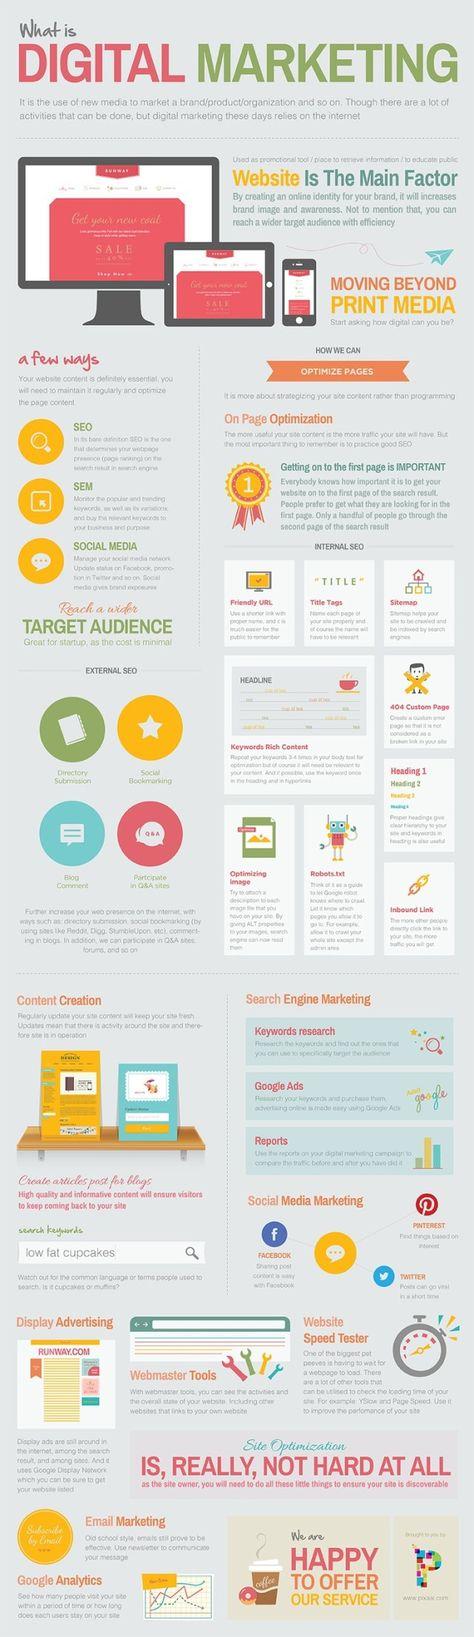 Explication du périmètre et des enjeux du marketing digital en moins de trois minutes - AD-EXCHANGE.FR *